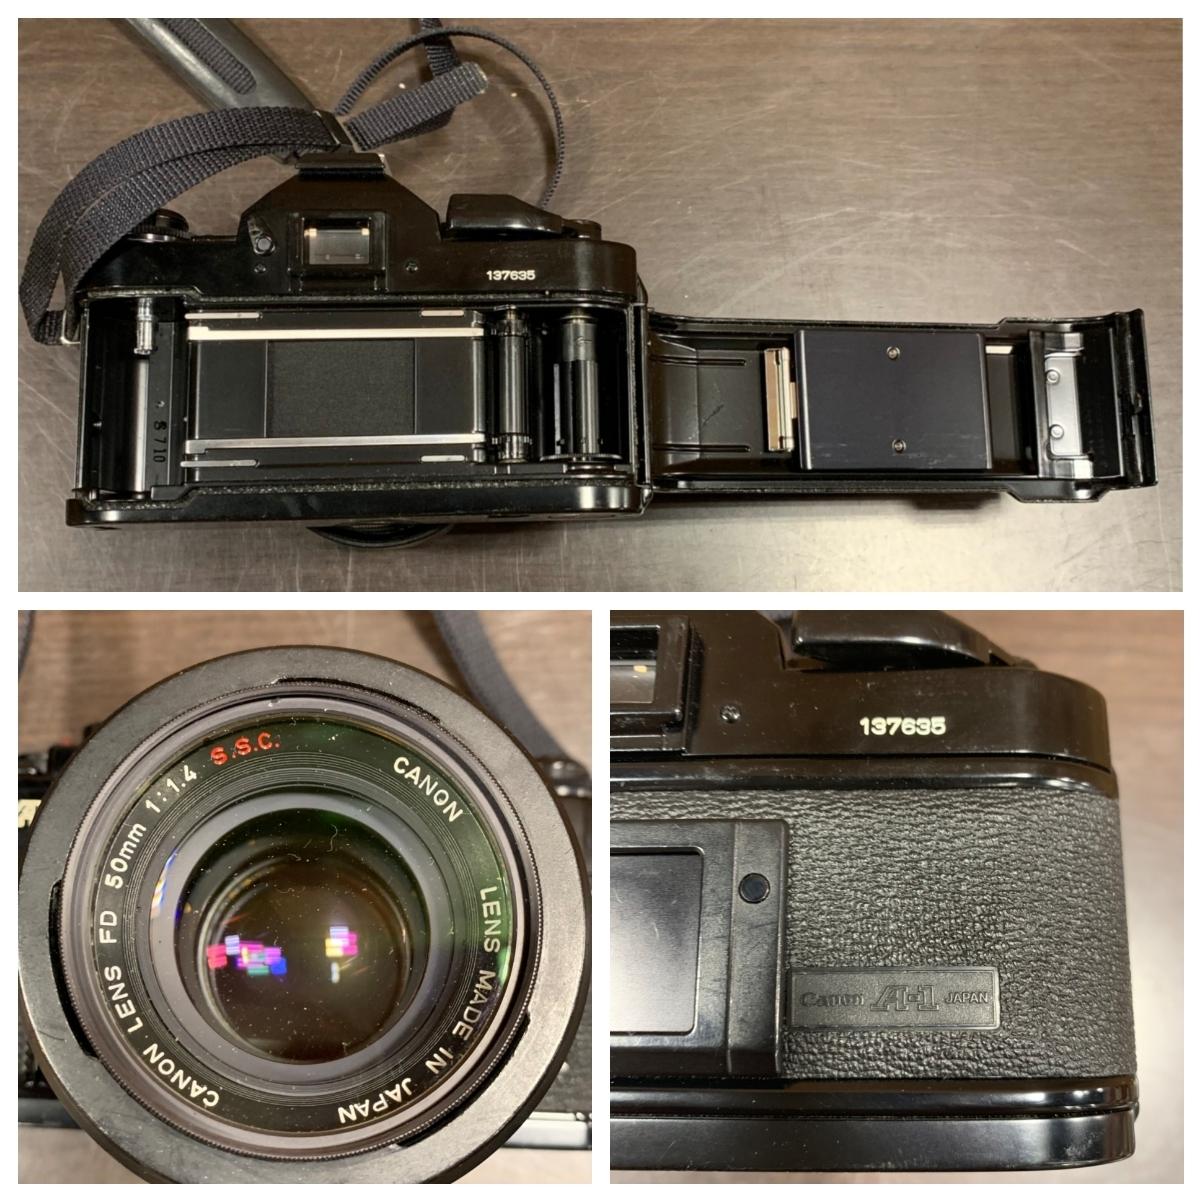 △Canon キャノン A-1 カメラ+FD 50mm 1:1.4+Tokina 80-200mm 1:4 レンズ(KS3-225)_画像6